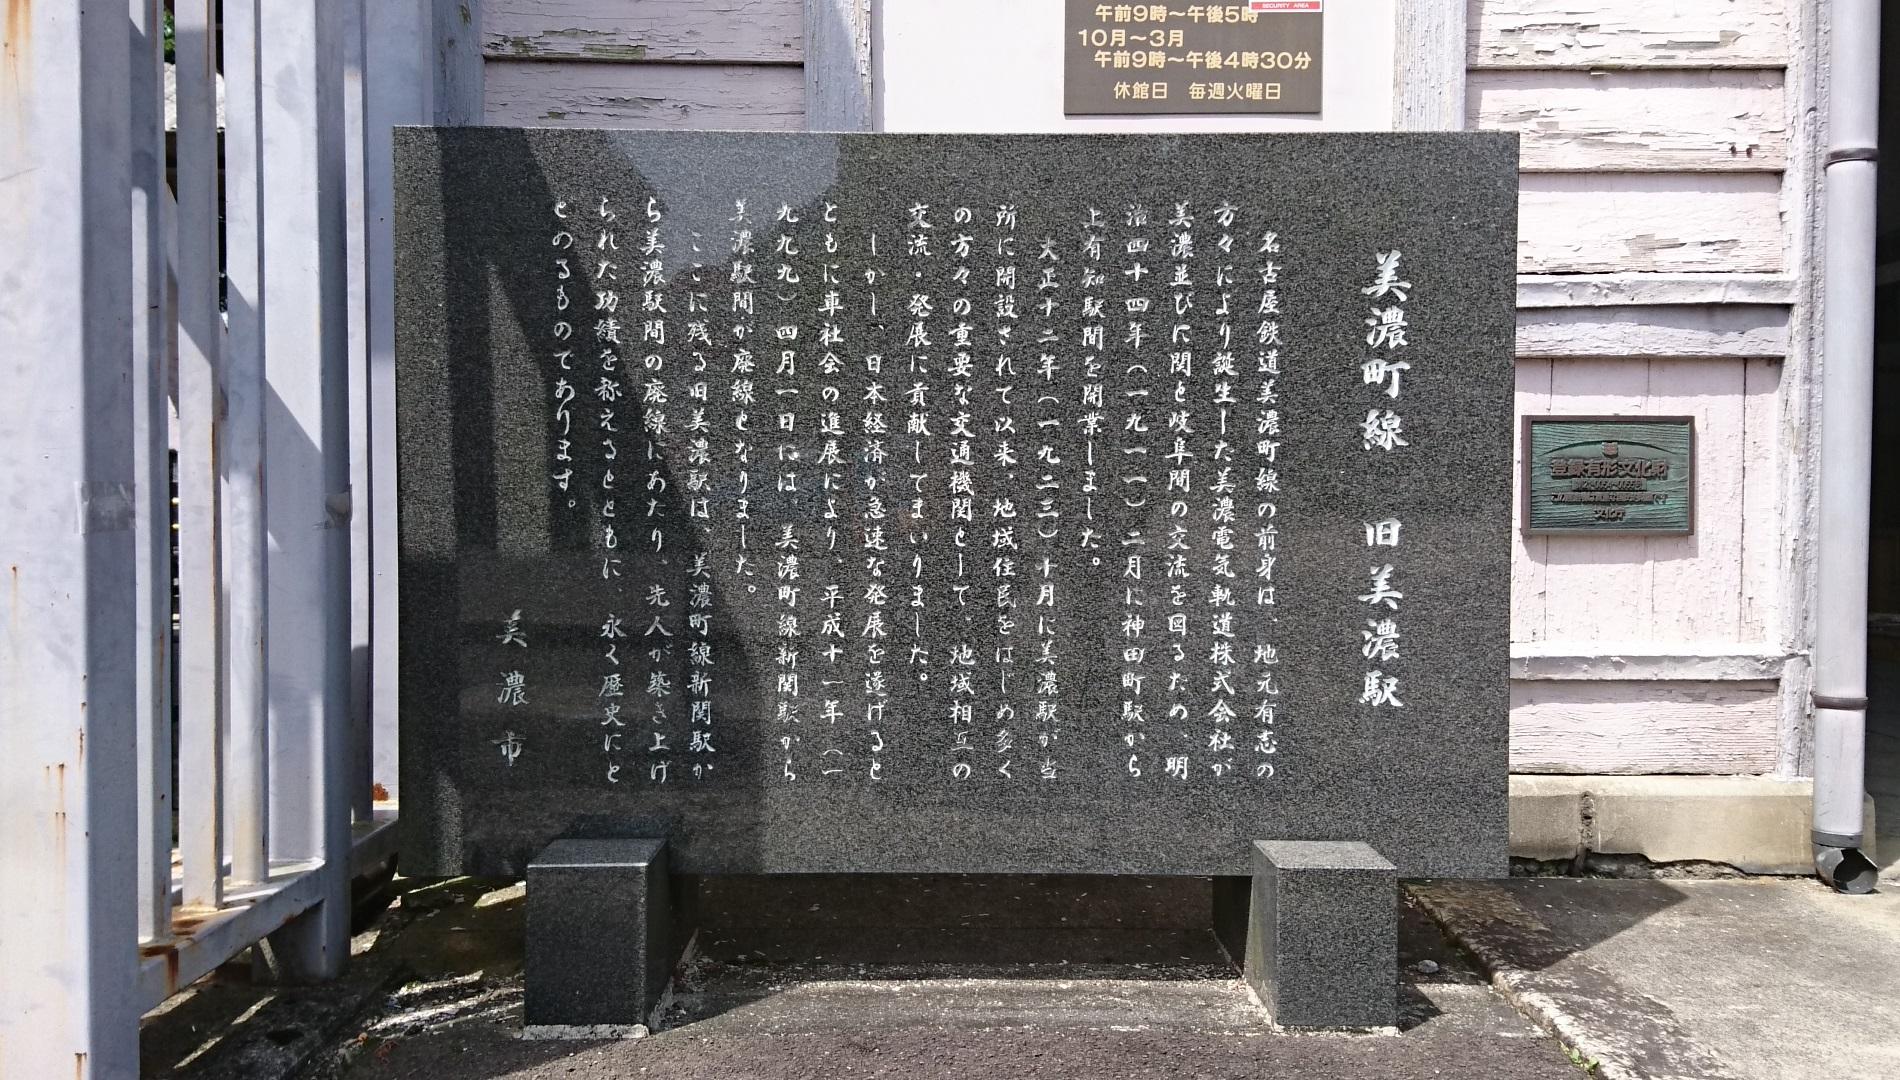 2018.5.16 美濃市 (57) 旧美濃駅のいしぶみ 1900-1080